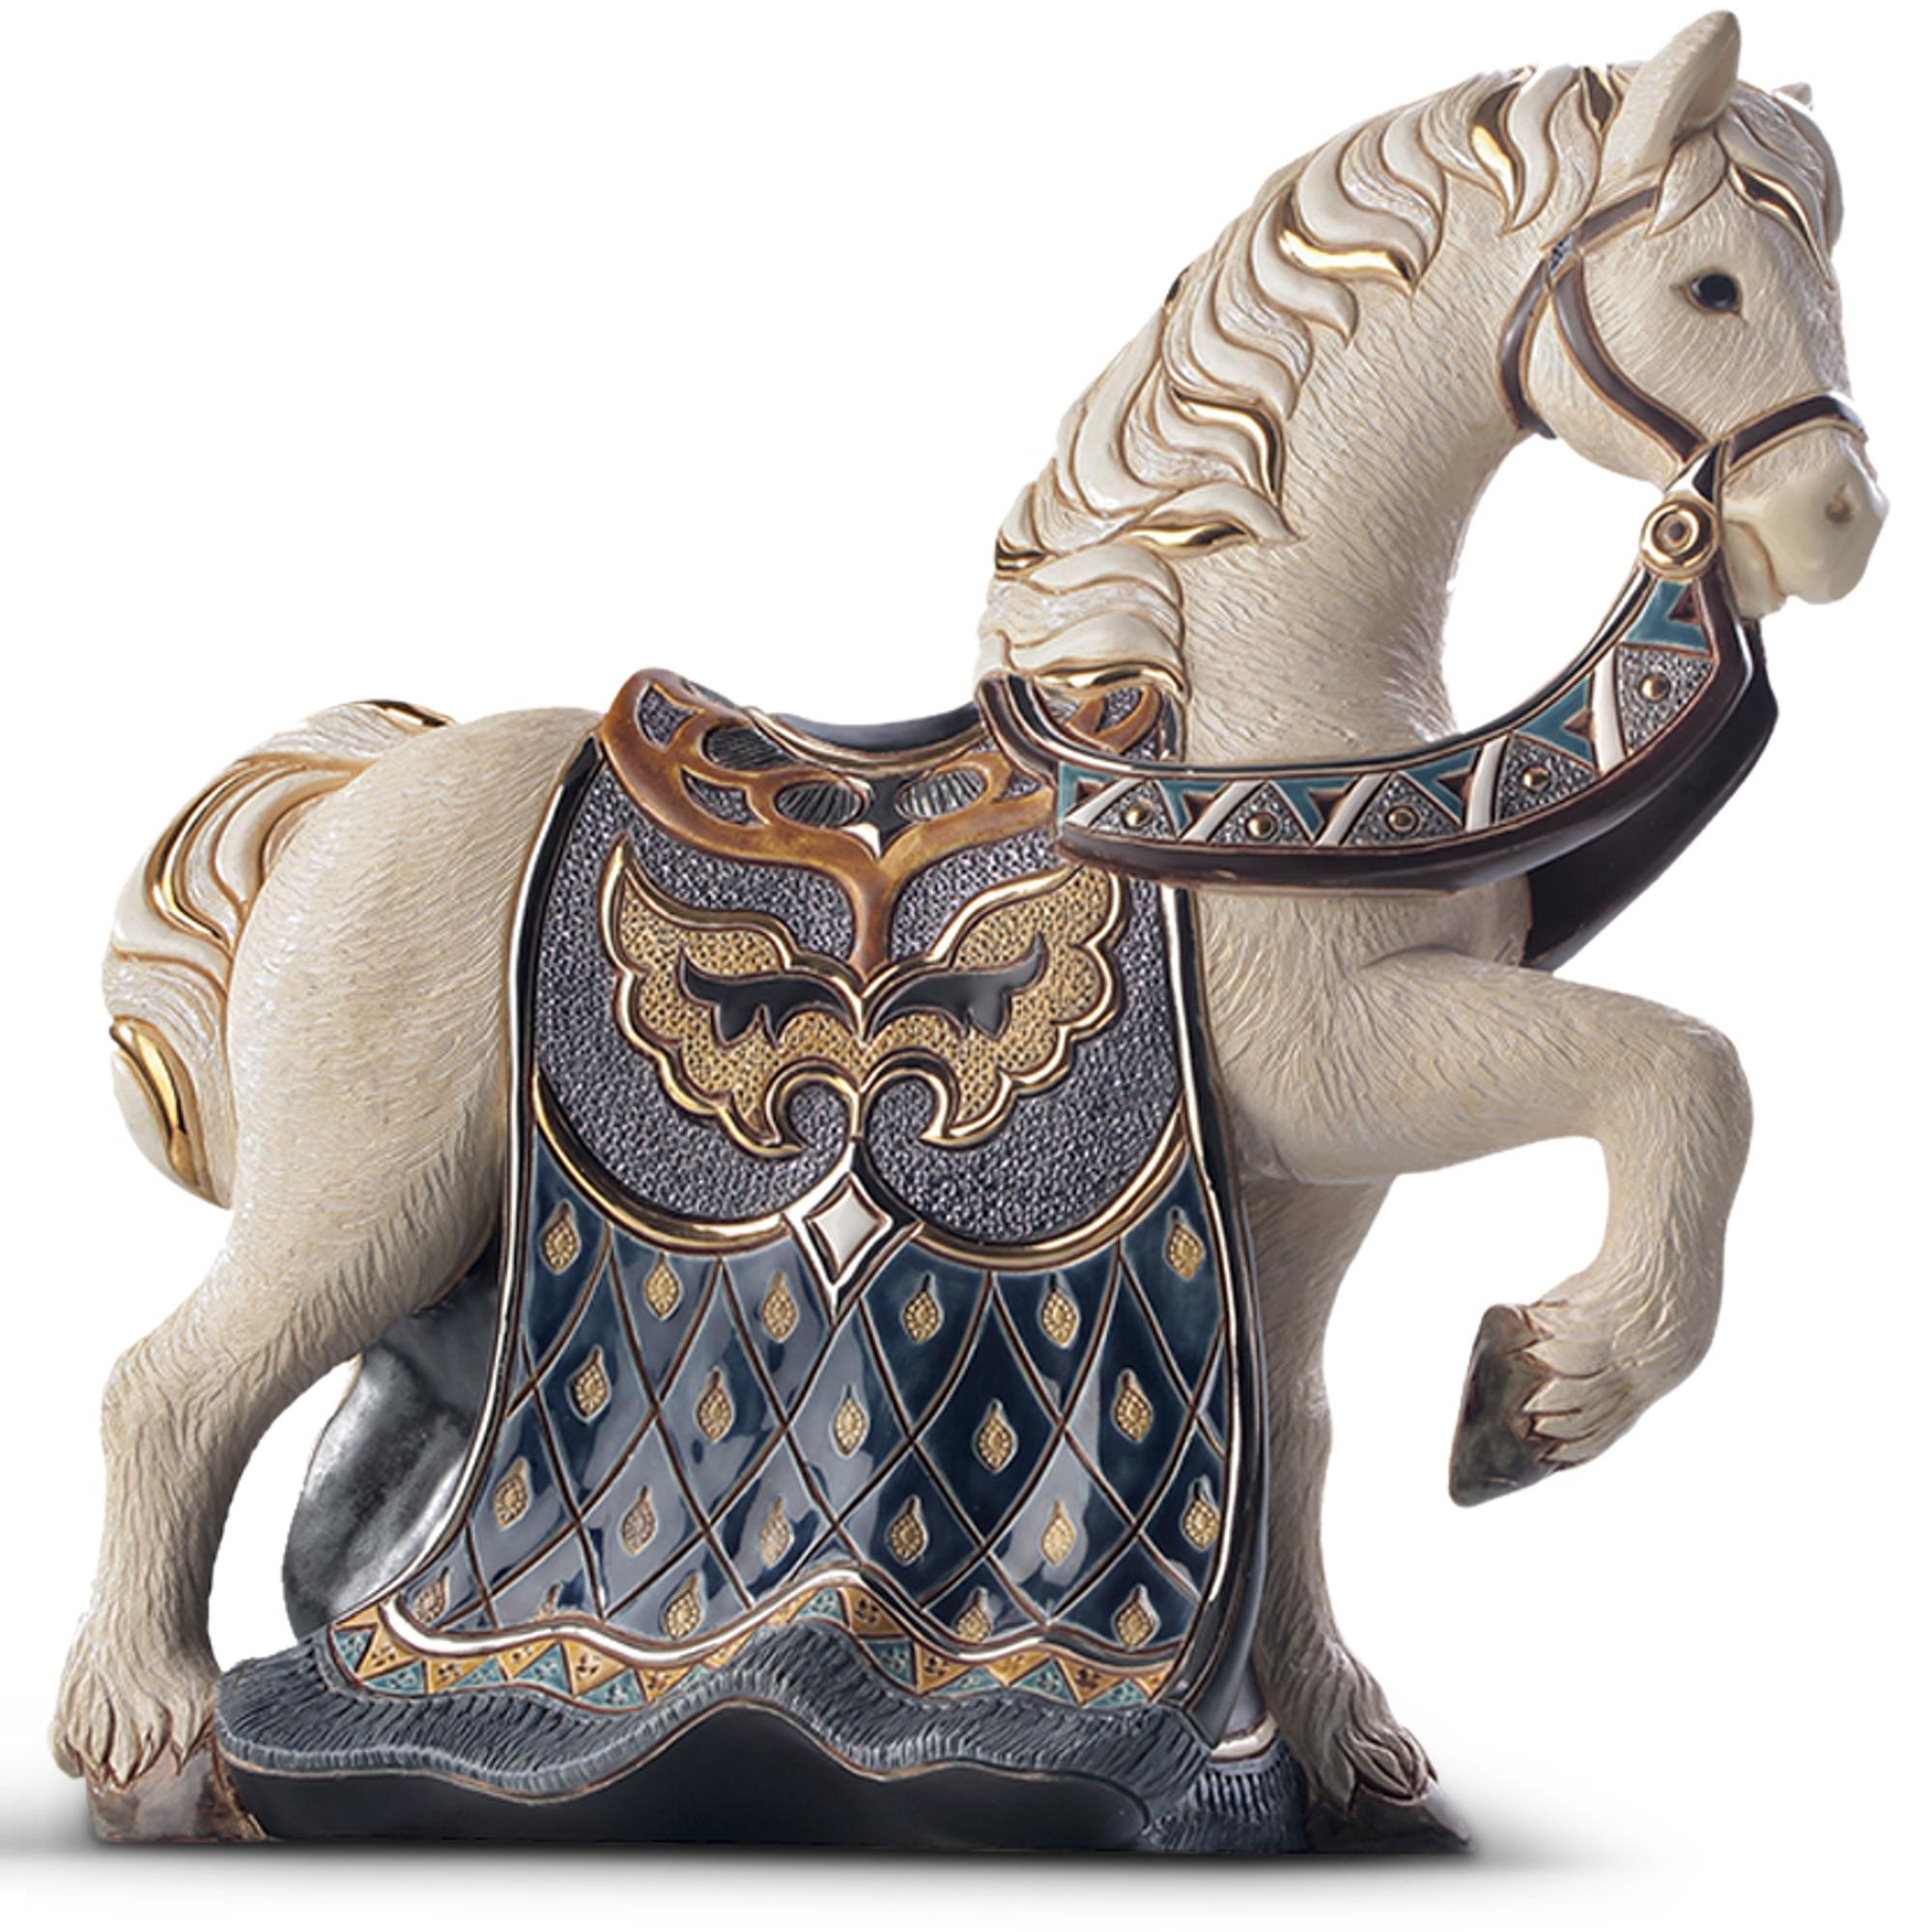 Ceramic Horse Figurine De Rosa Collection Imperial